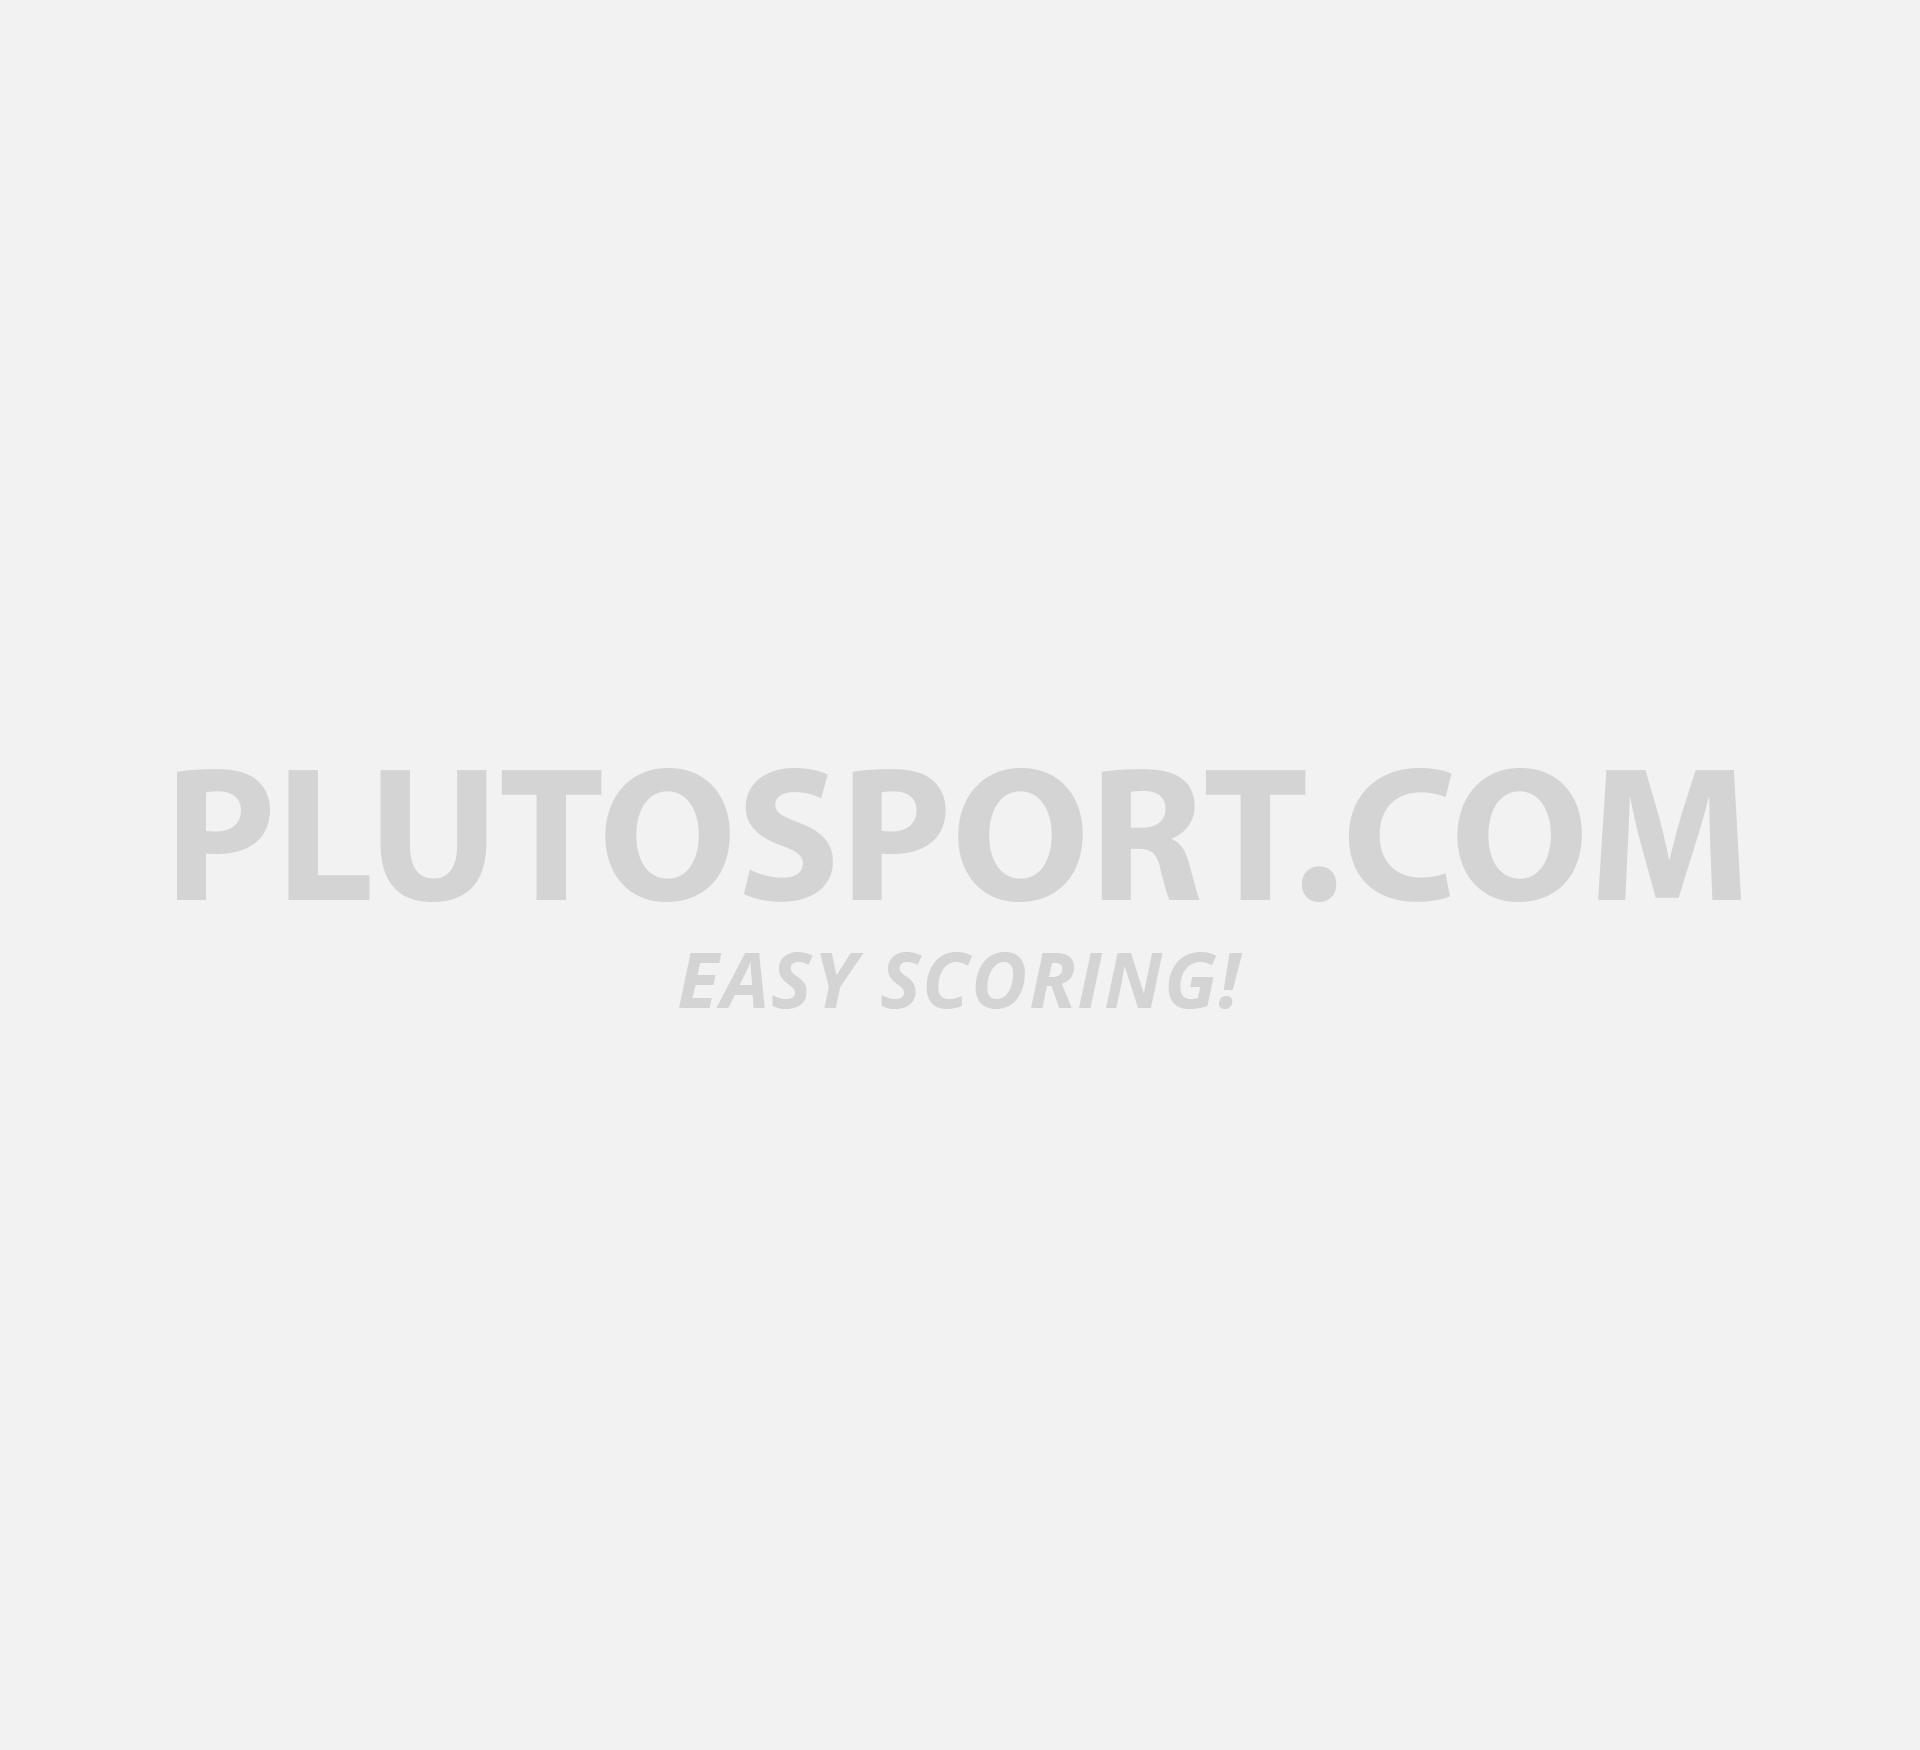 Birkenstock Qualitätsschuhe für Damen, Herren und Kinder